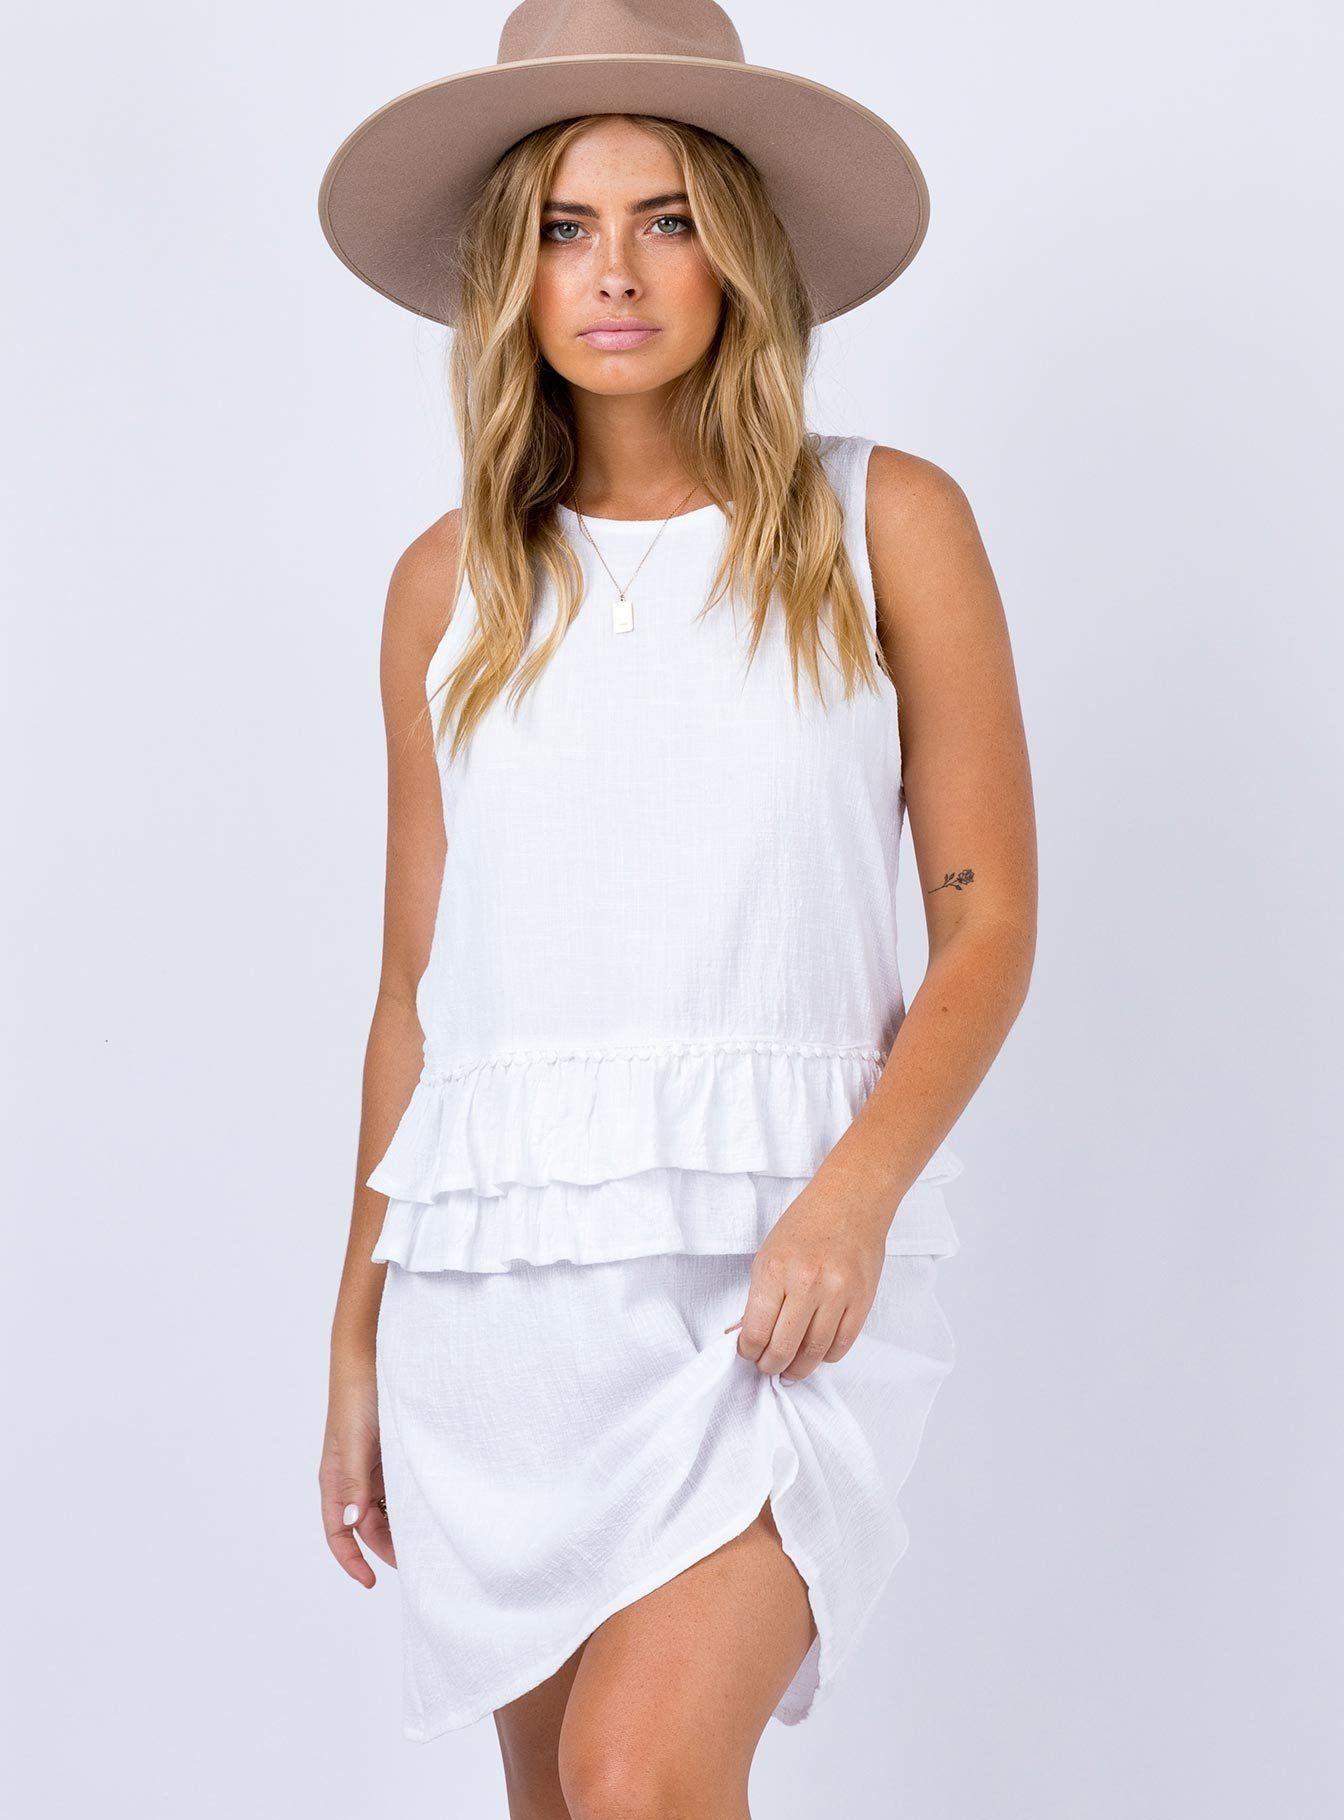 Jubal Mini Dress White Mini Dress White Mini Dress Dresses [ 1820 x 1344 Pixel ]